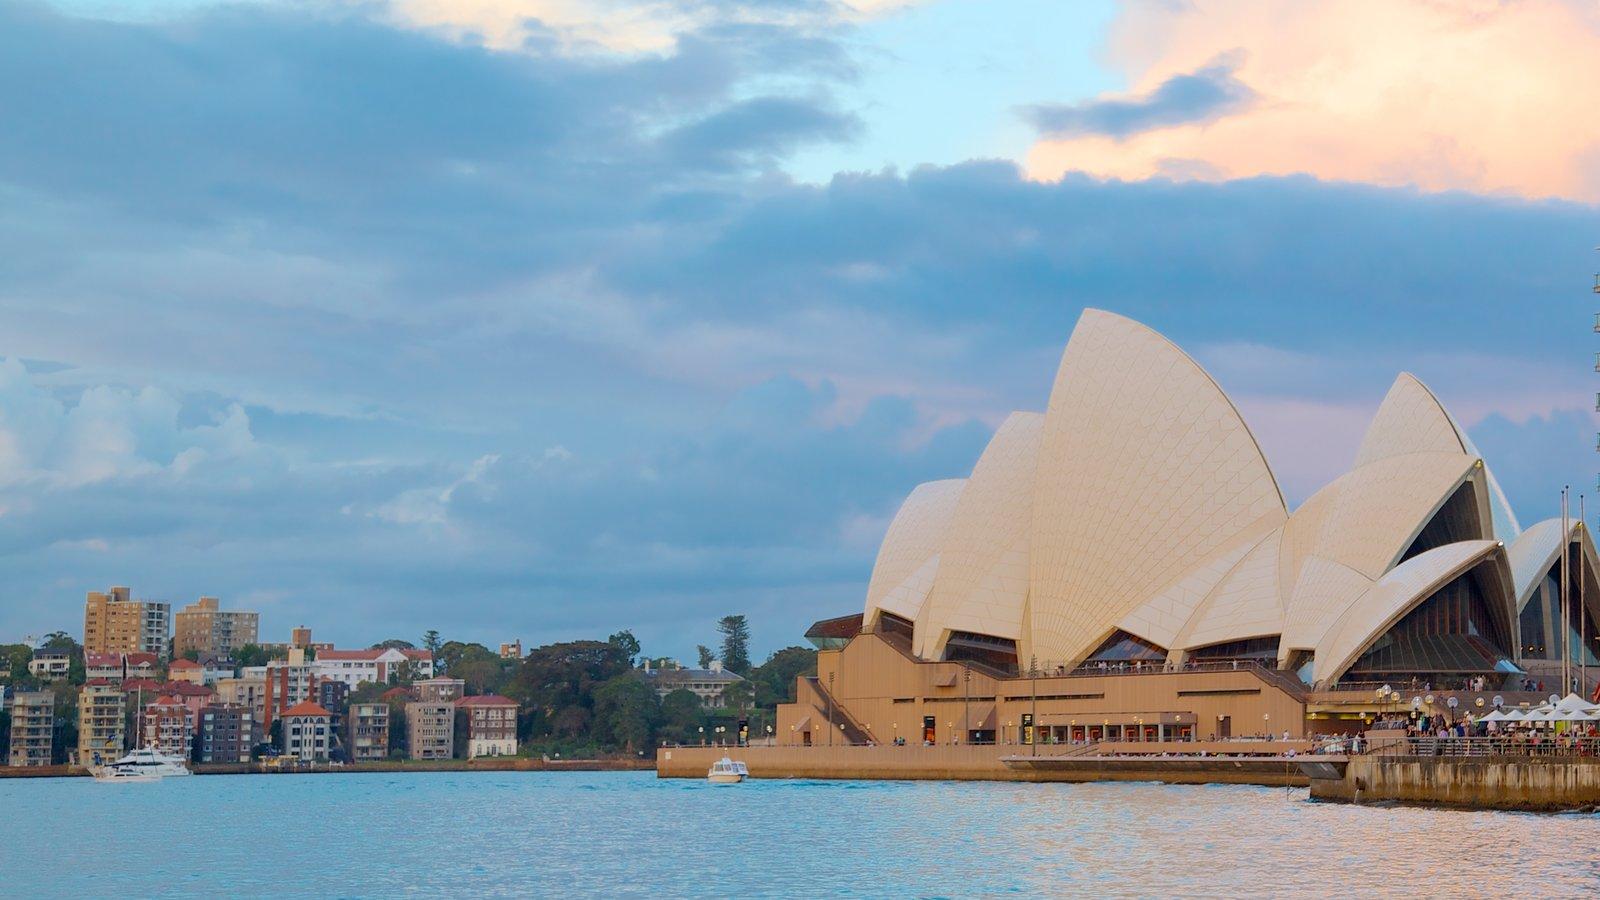 Ópera de Sídney mostrando arquitectura moderna, escenas de teatro y vistas generales de la costa